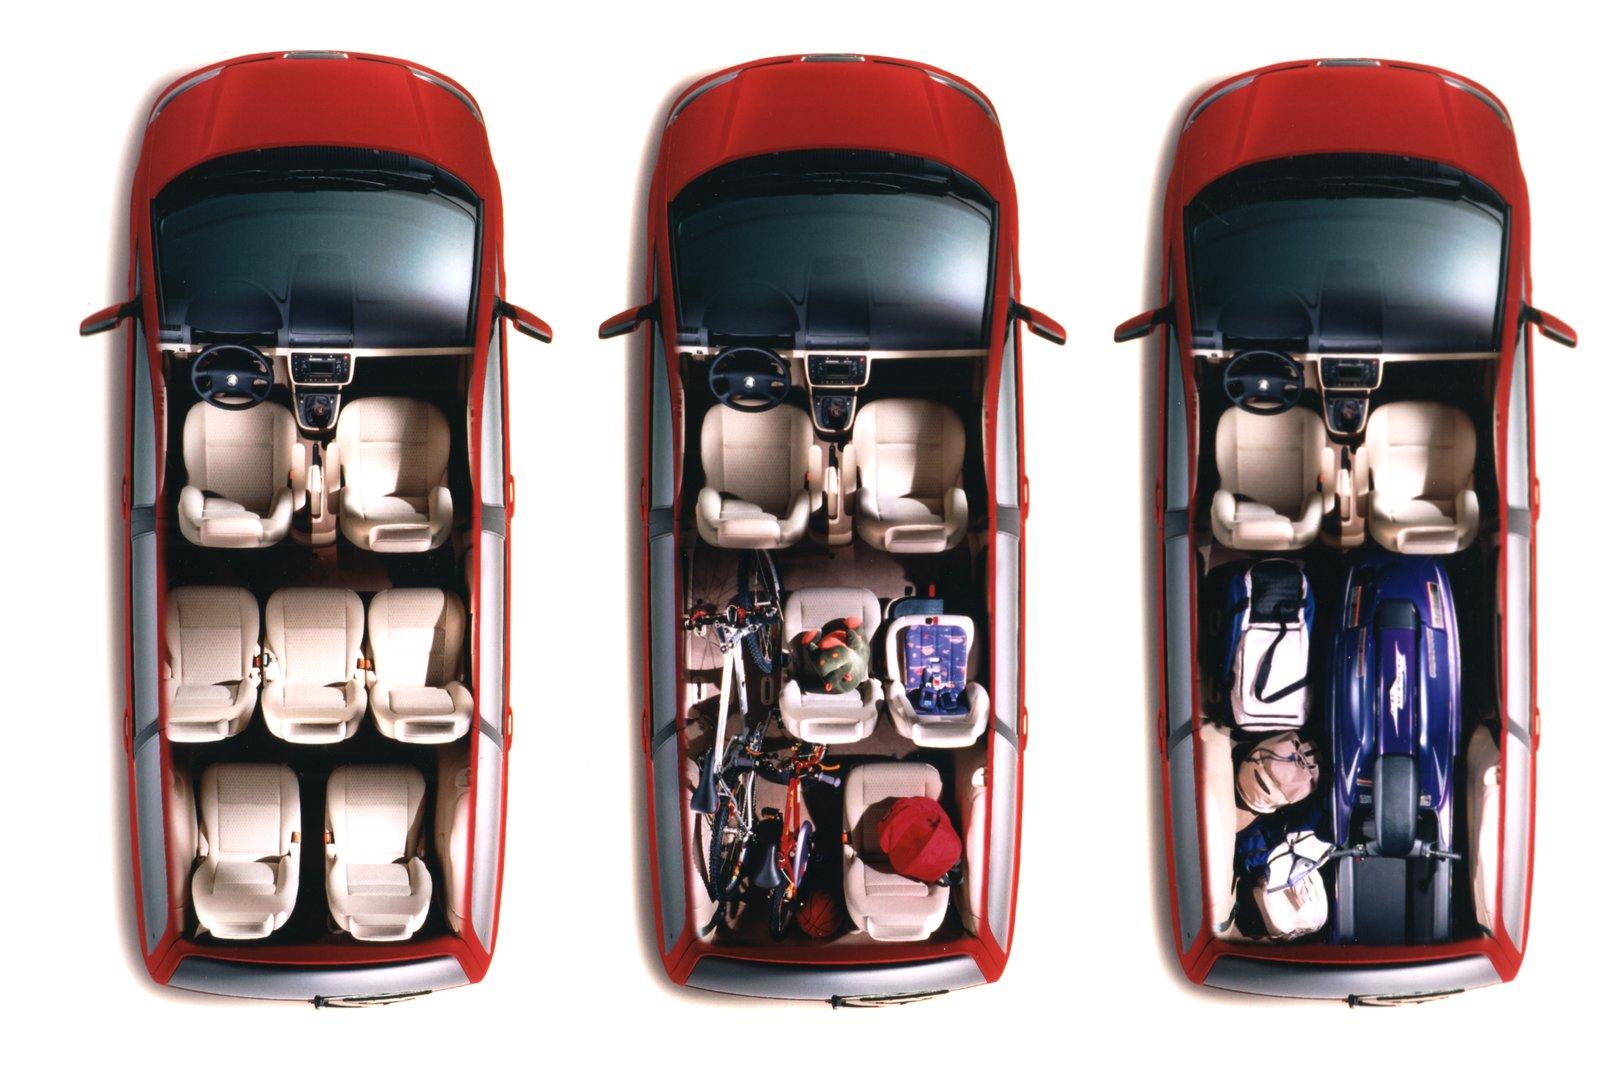 SEAT Alhambra V6 6C